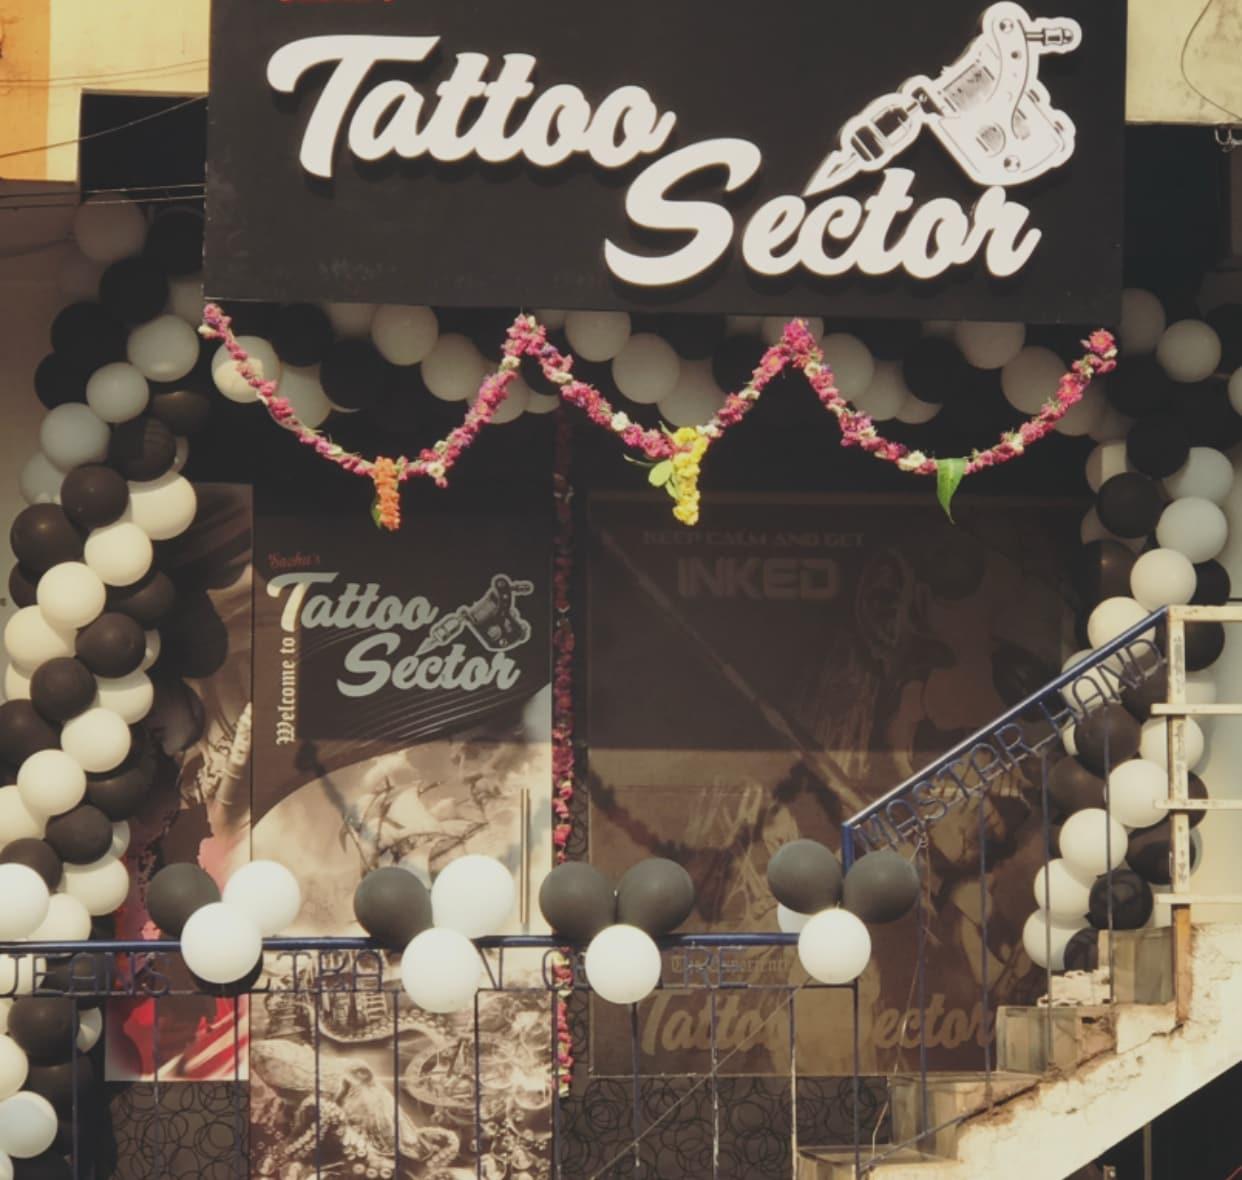 5023757174611 Top 20 Tattoo Artists in Sullia Dakshina Kannada - Best Tattoo ...